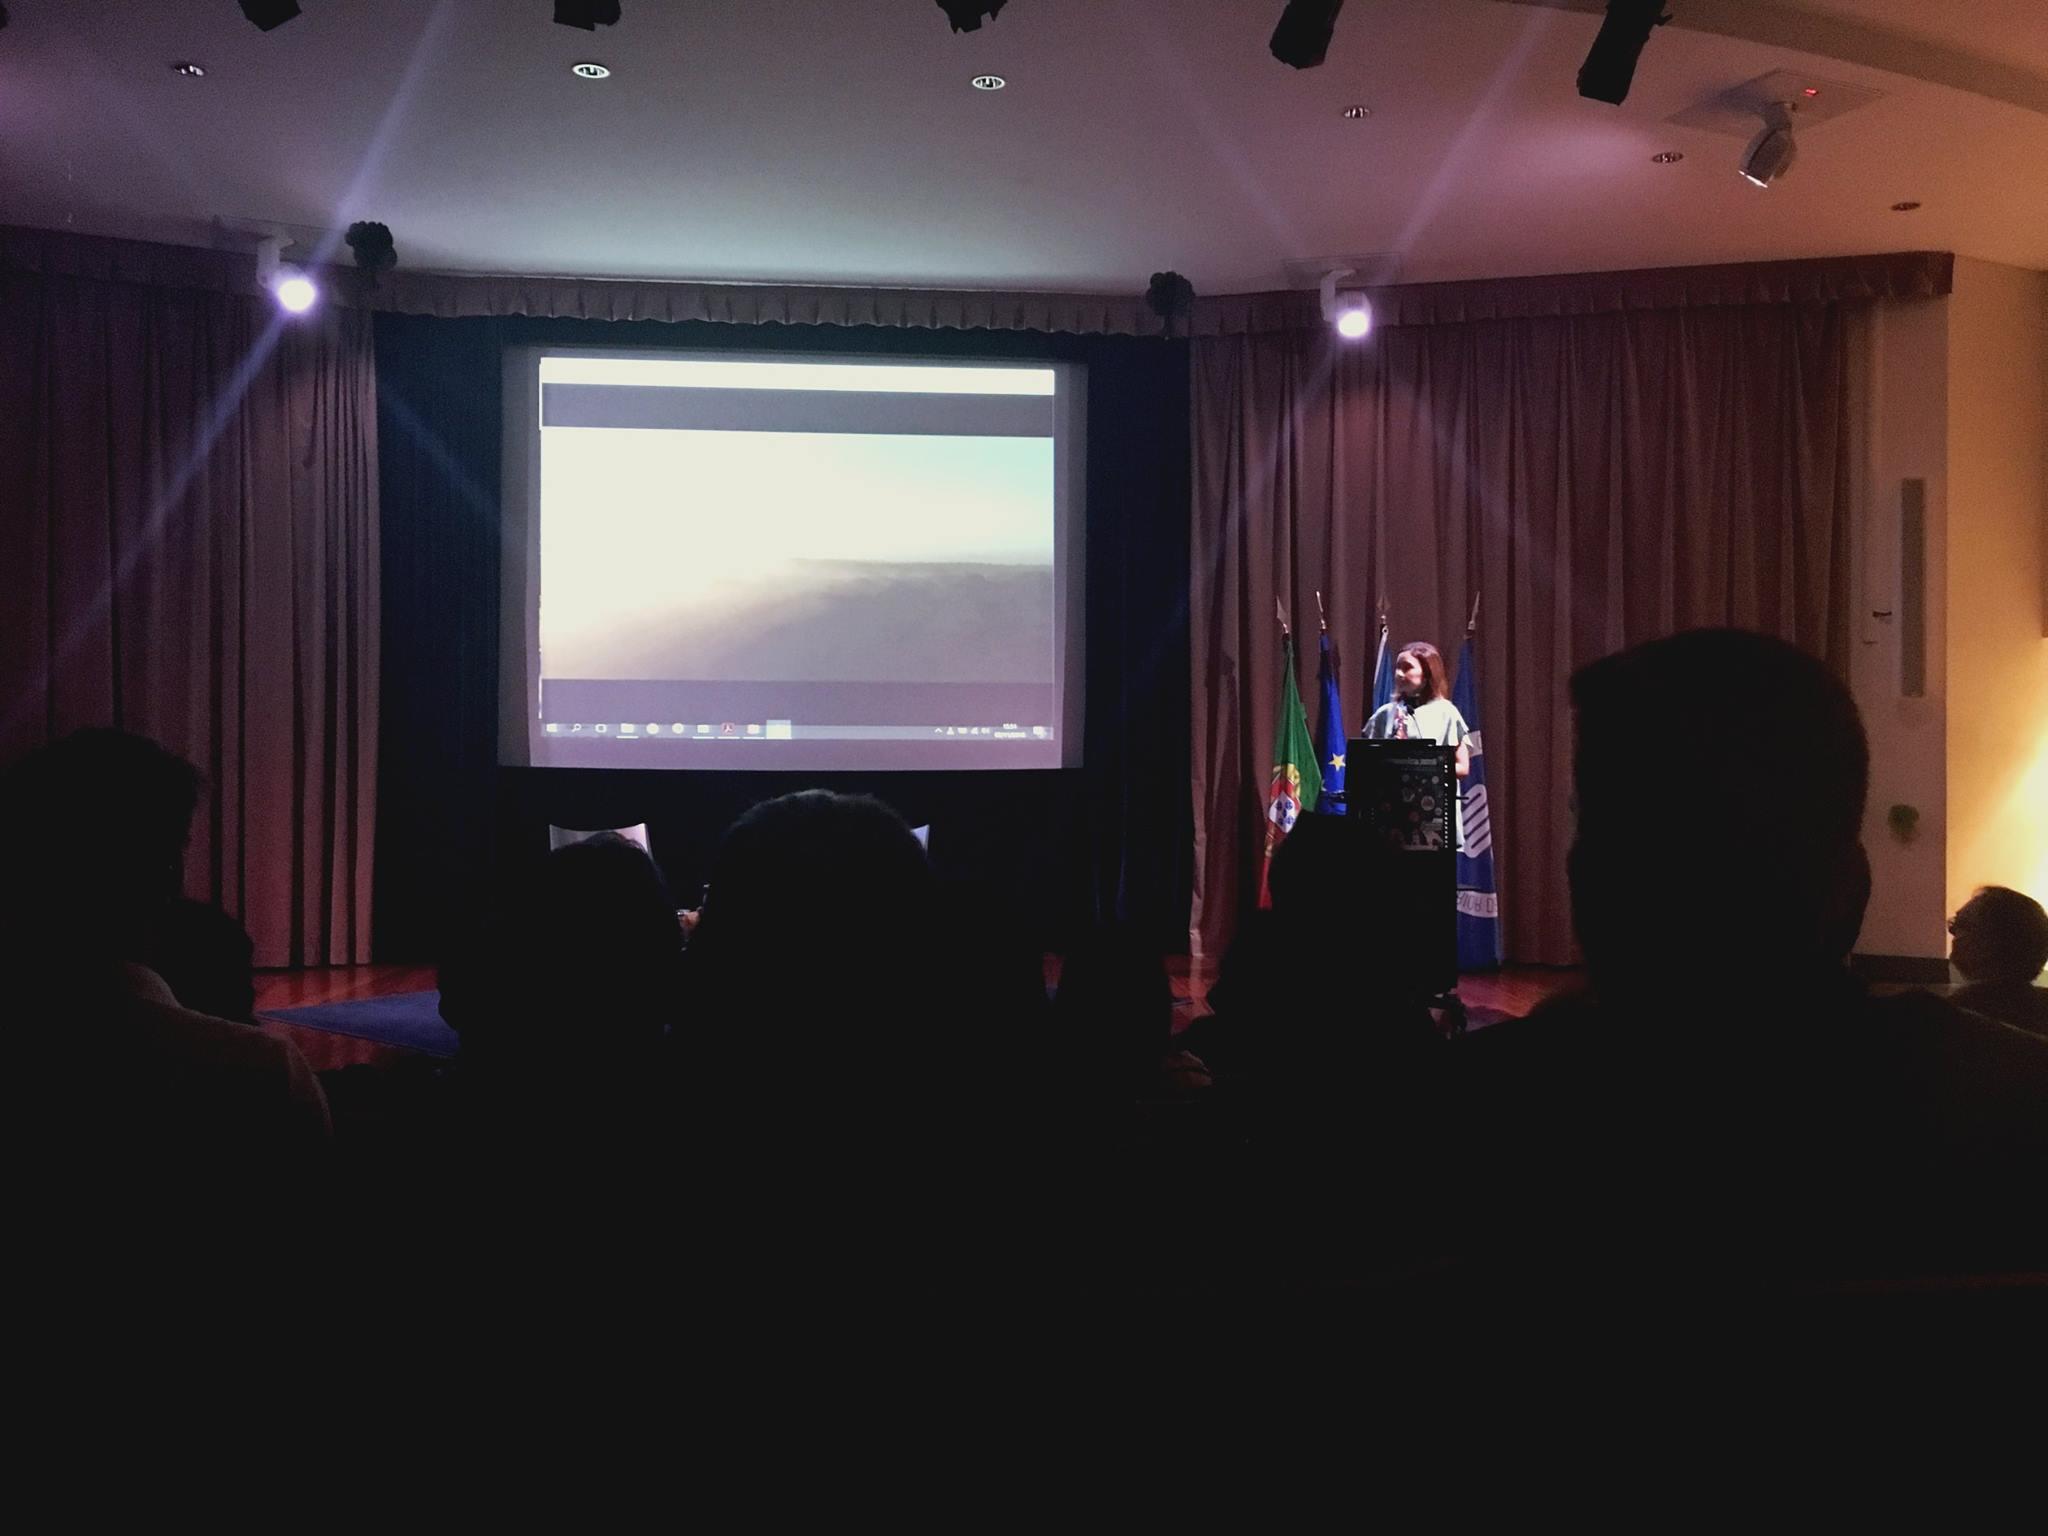 Comunica 2016 - Corticeira Amorim